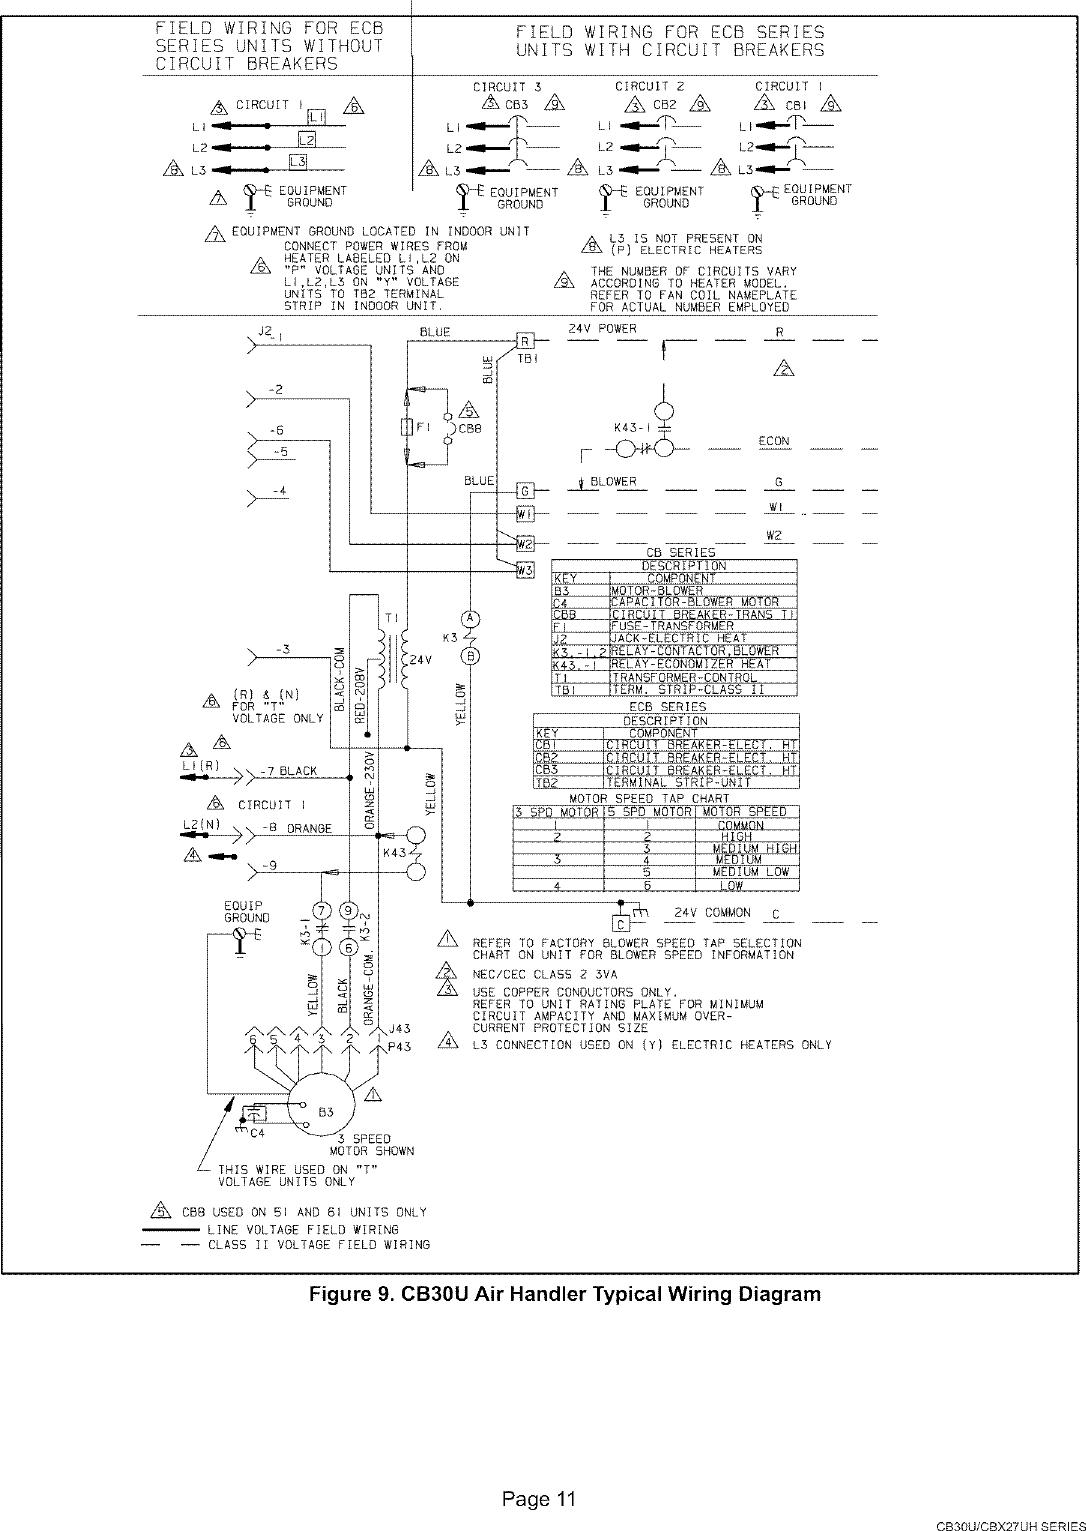 [DIAGRAM] American Standard Air Handler Wiring Diagram